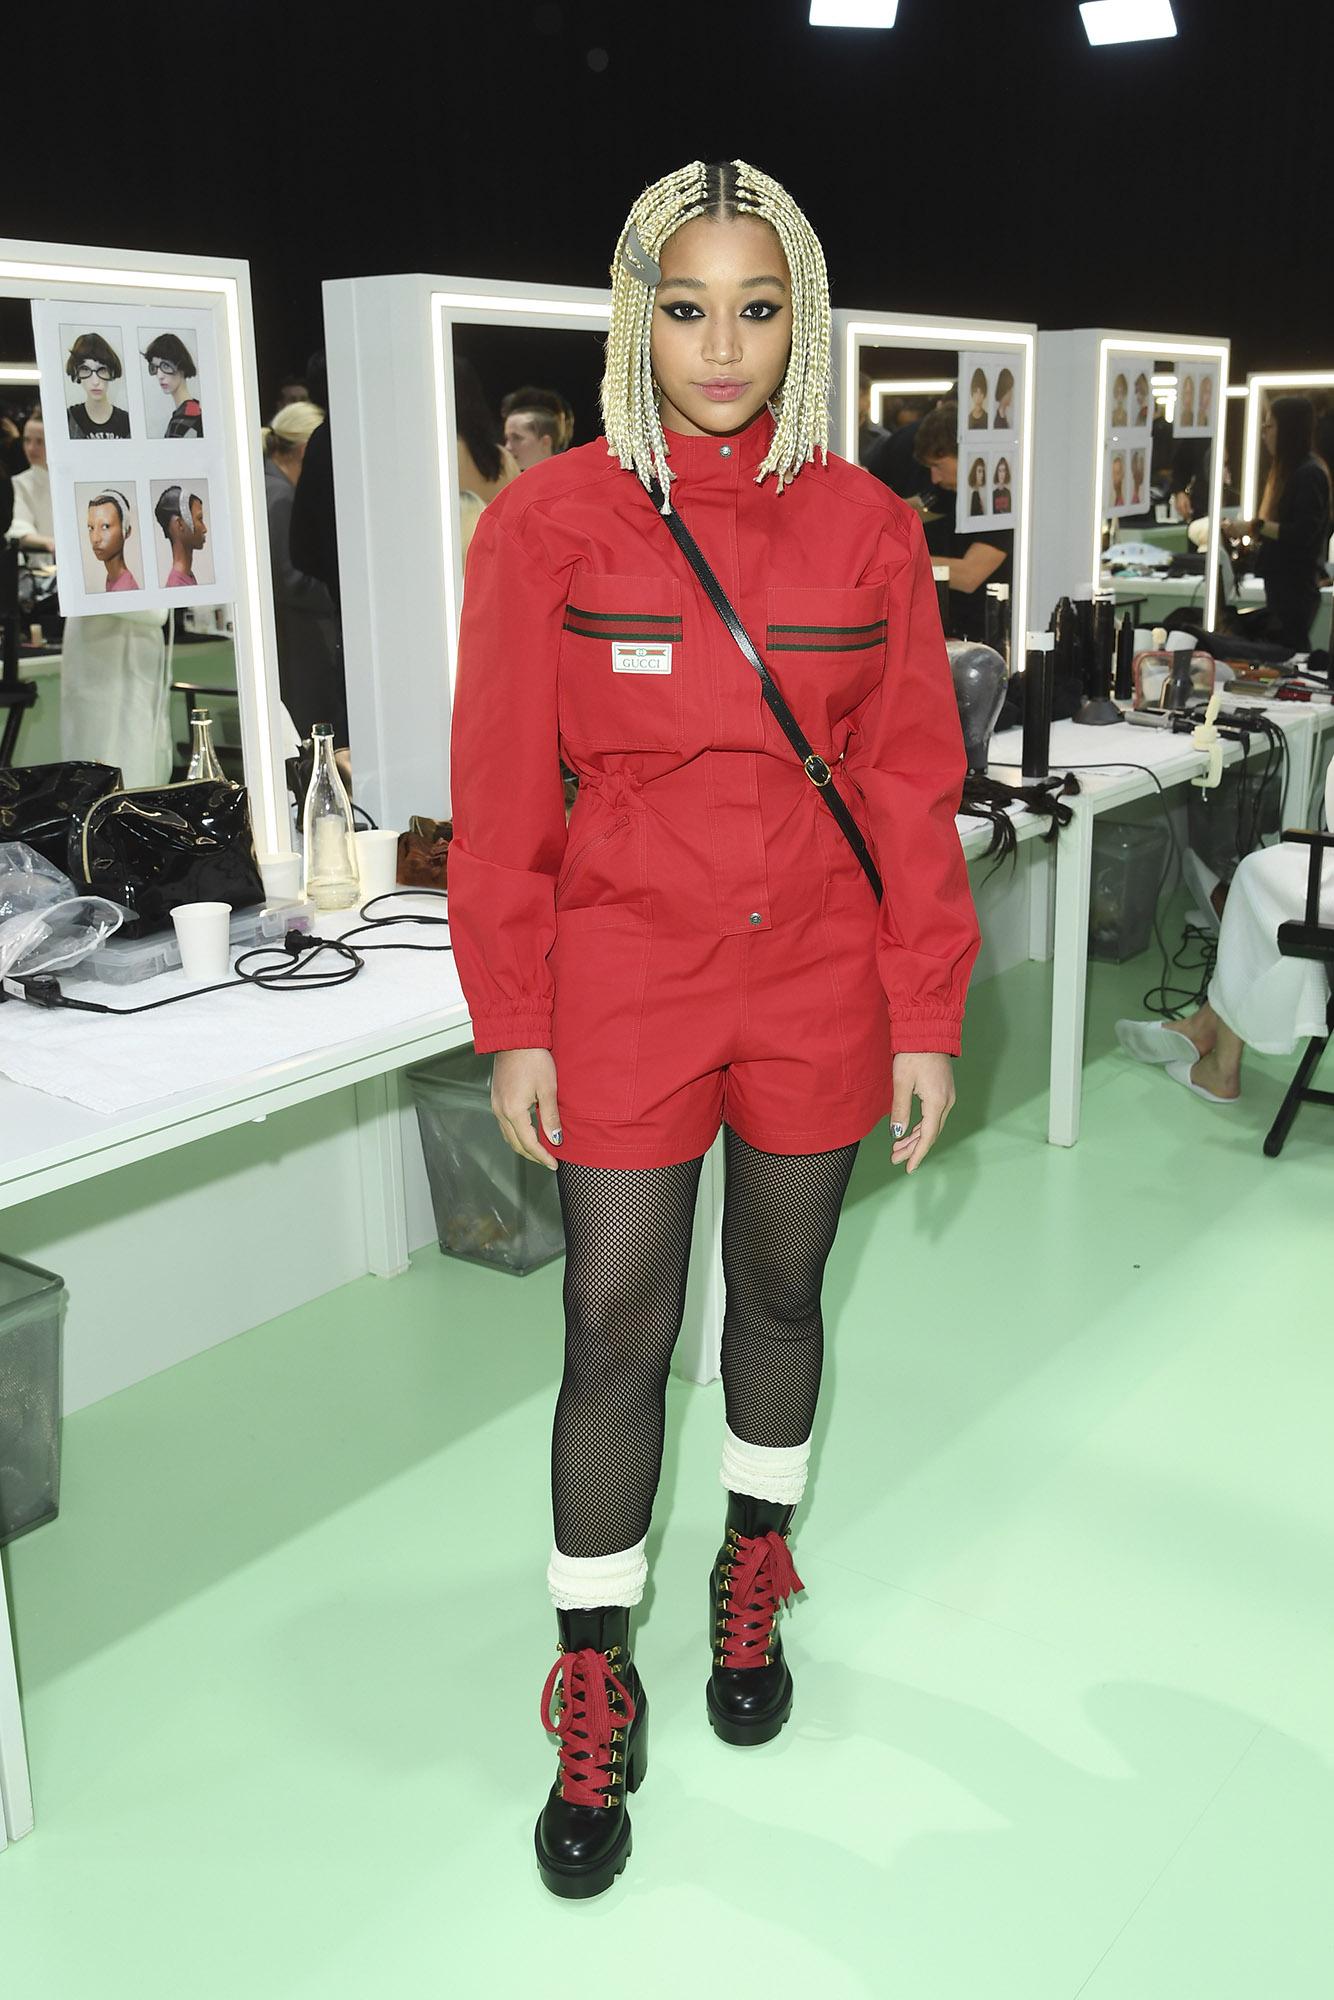 amandla-stenberg-backstage-gucci-milan-fashion-week-fall-winter-show